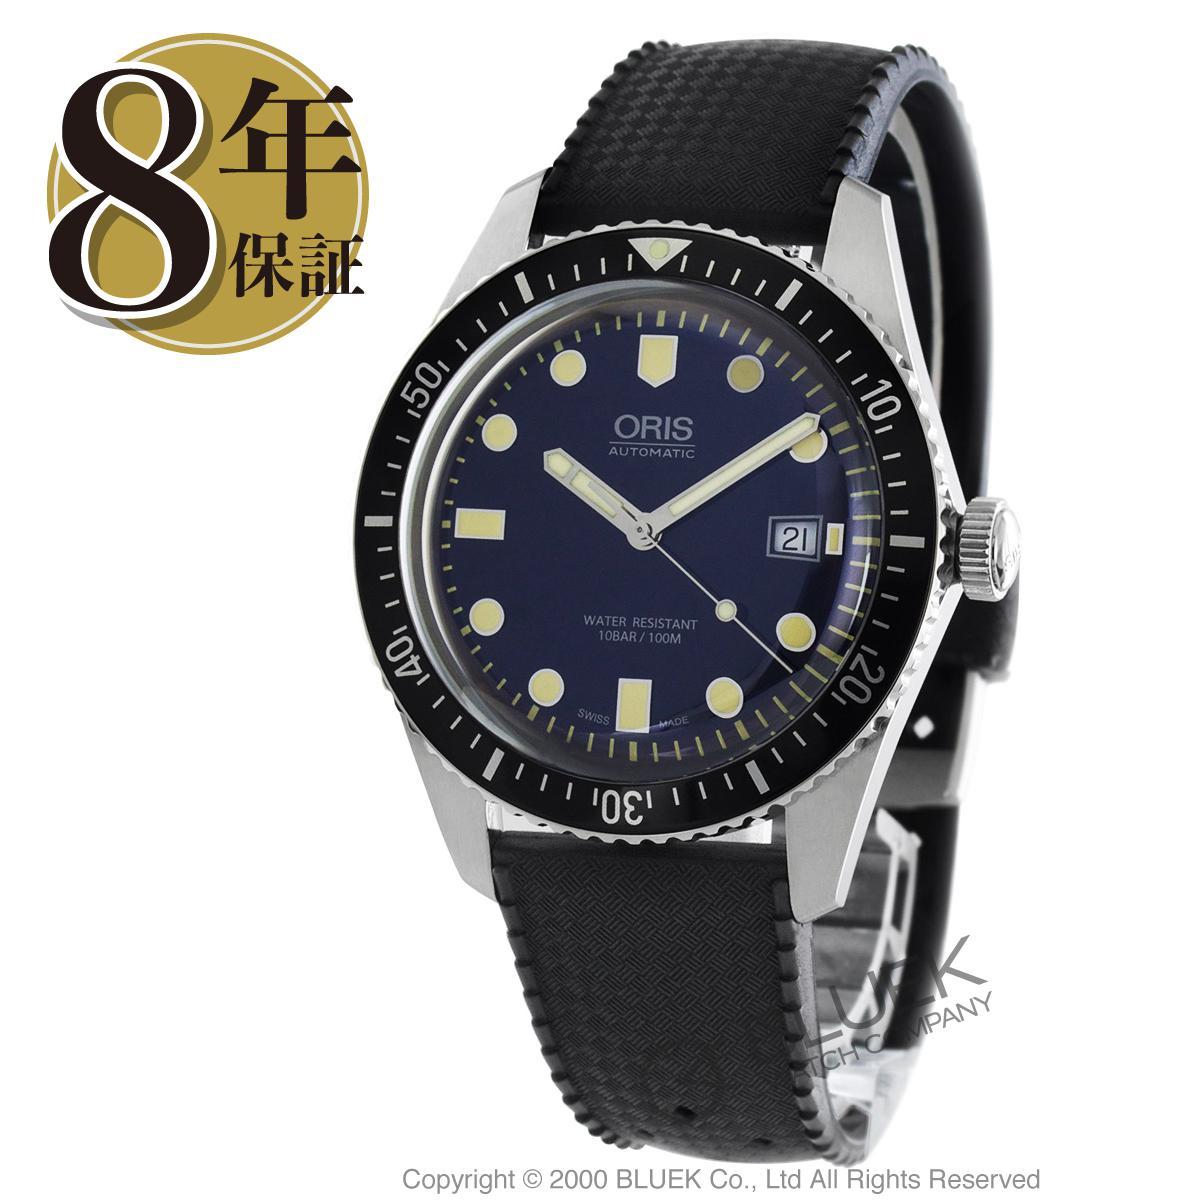 オリス ORIS 腕時計 ダイバーズ 65 メンズ 733 7720 4055R_8